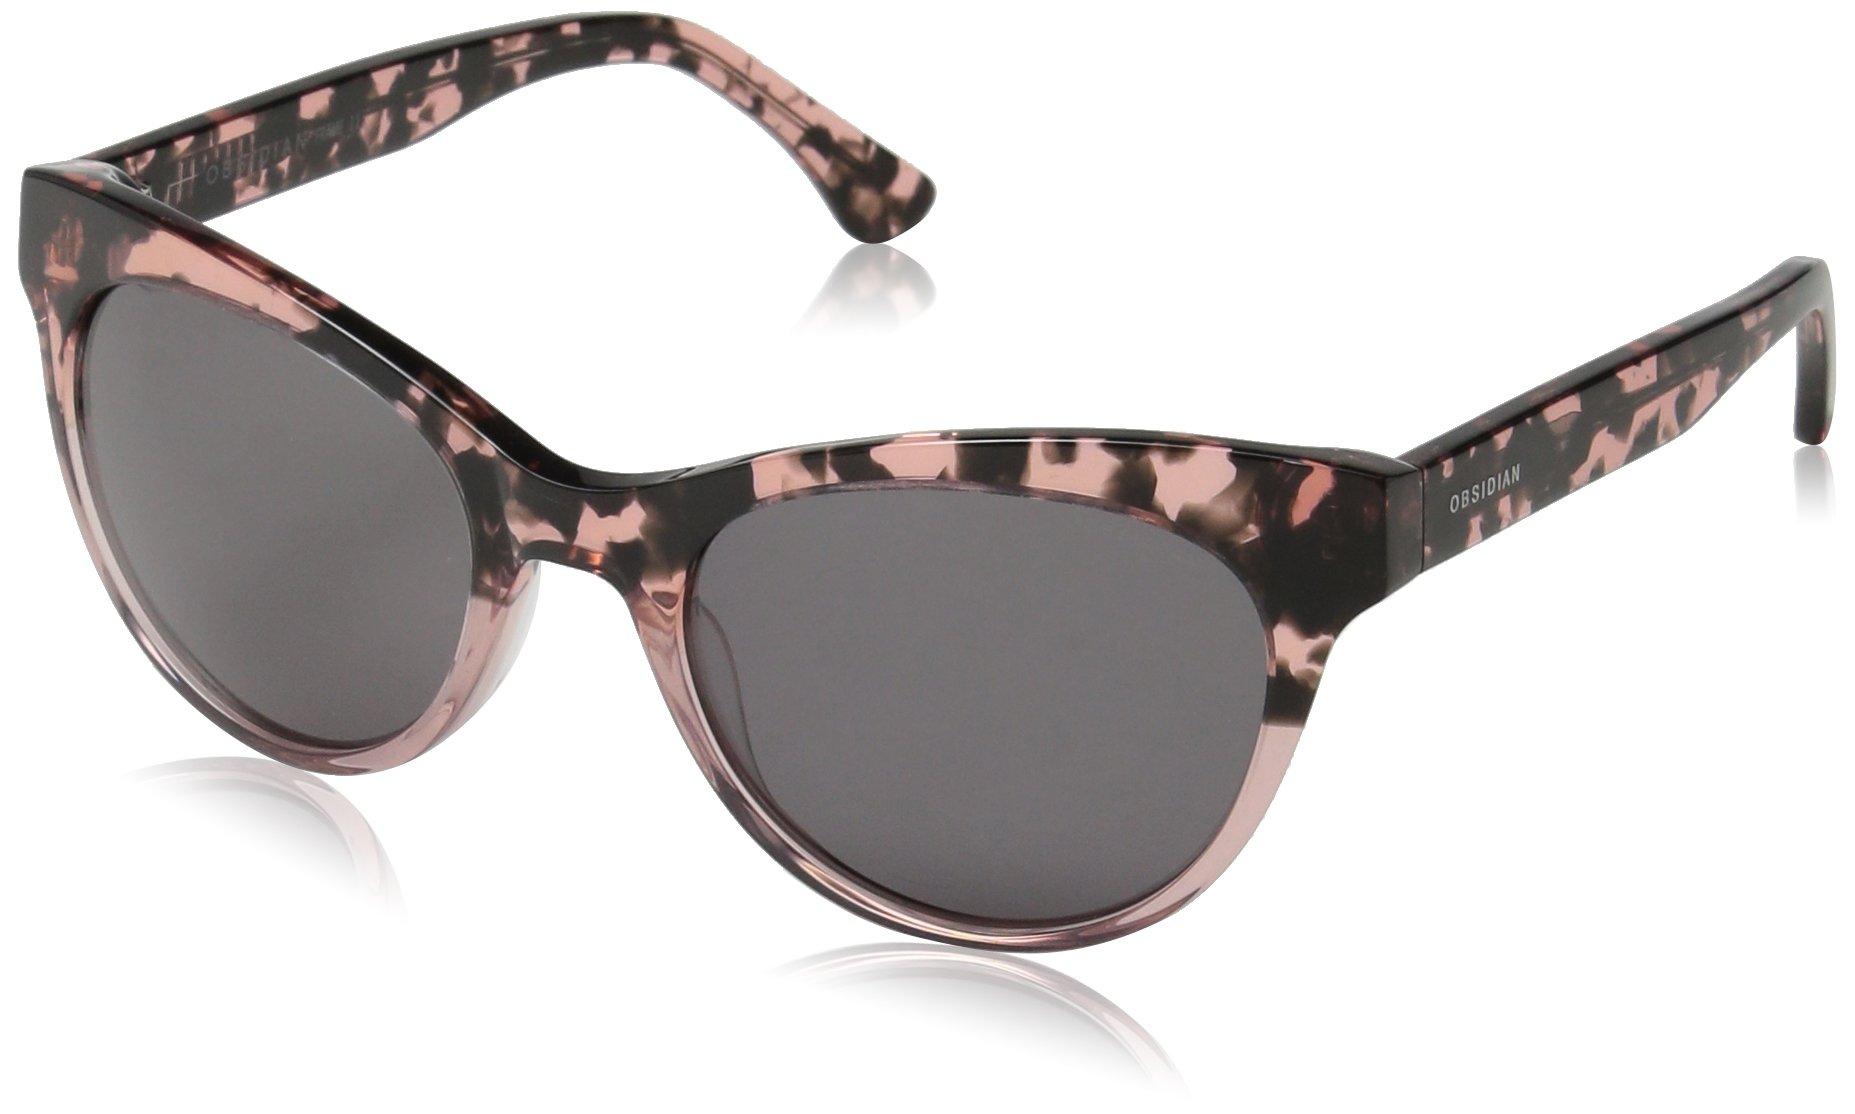 Obsidian Sunglasses for Women Fashion Cat-Eye Frame 11, Blush Tortoise, 53.5 mm